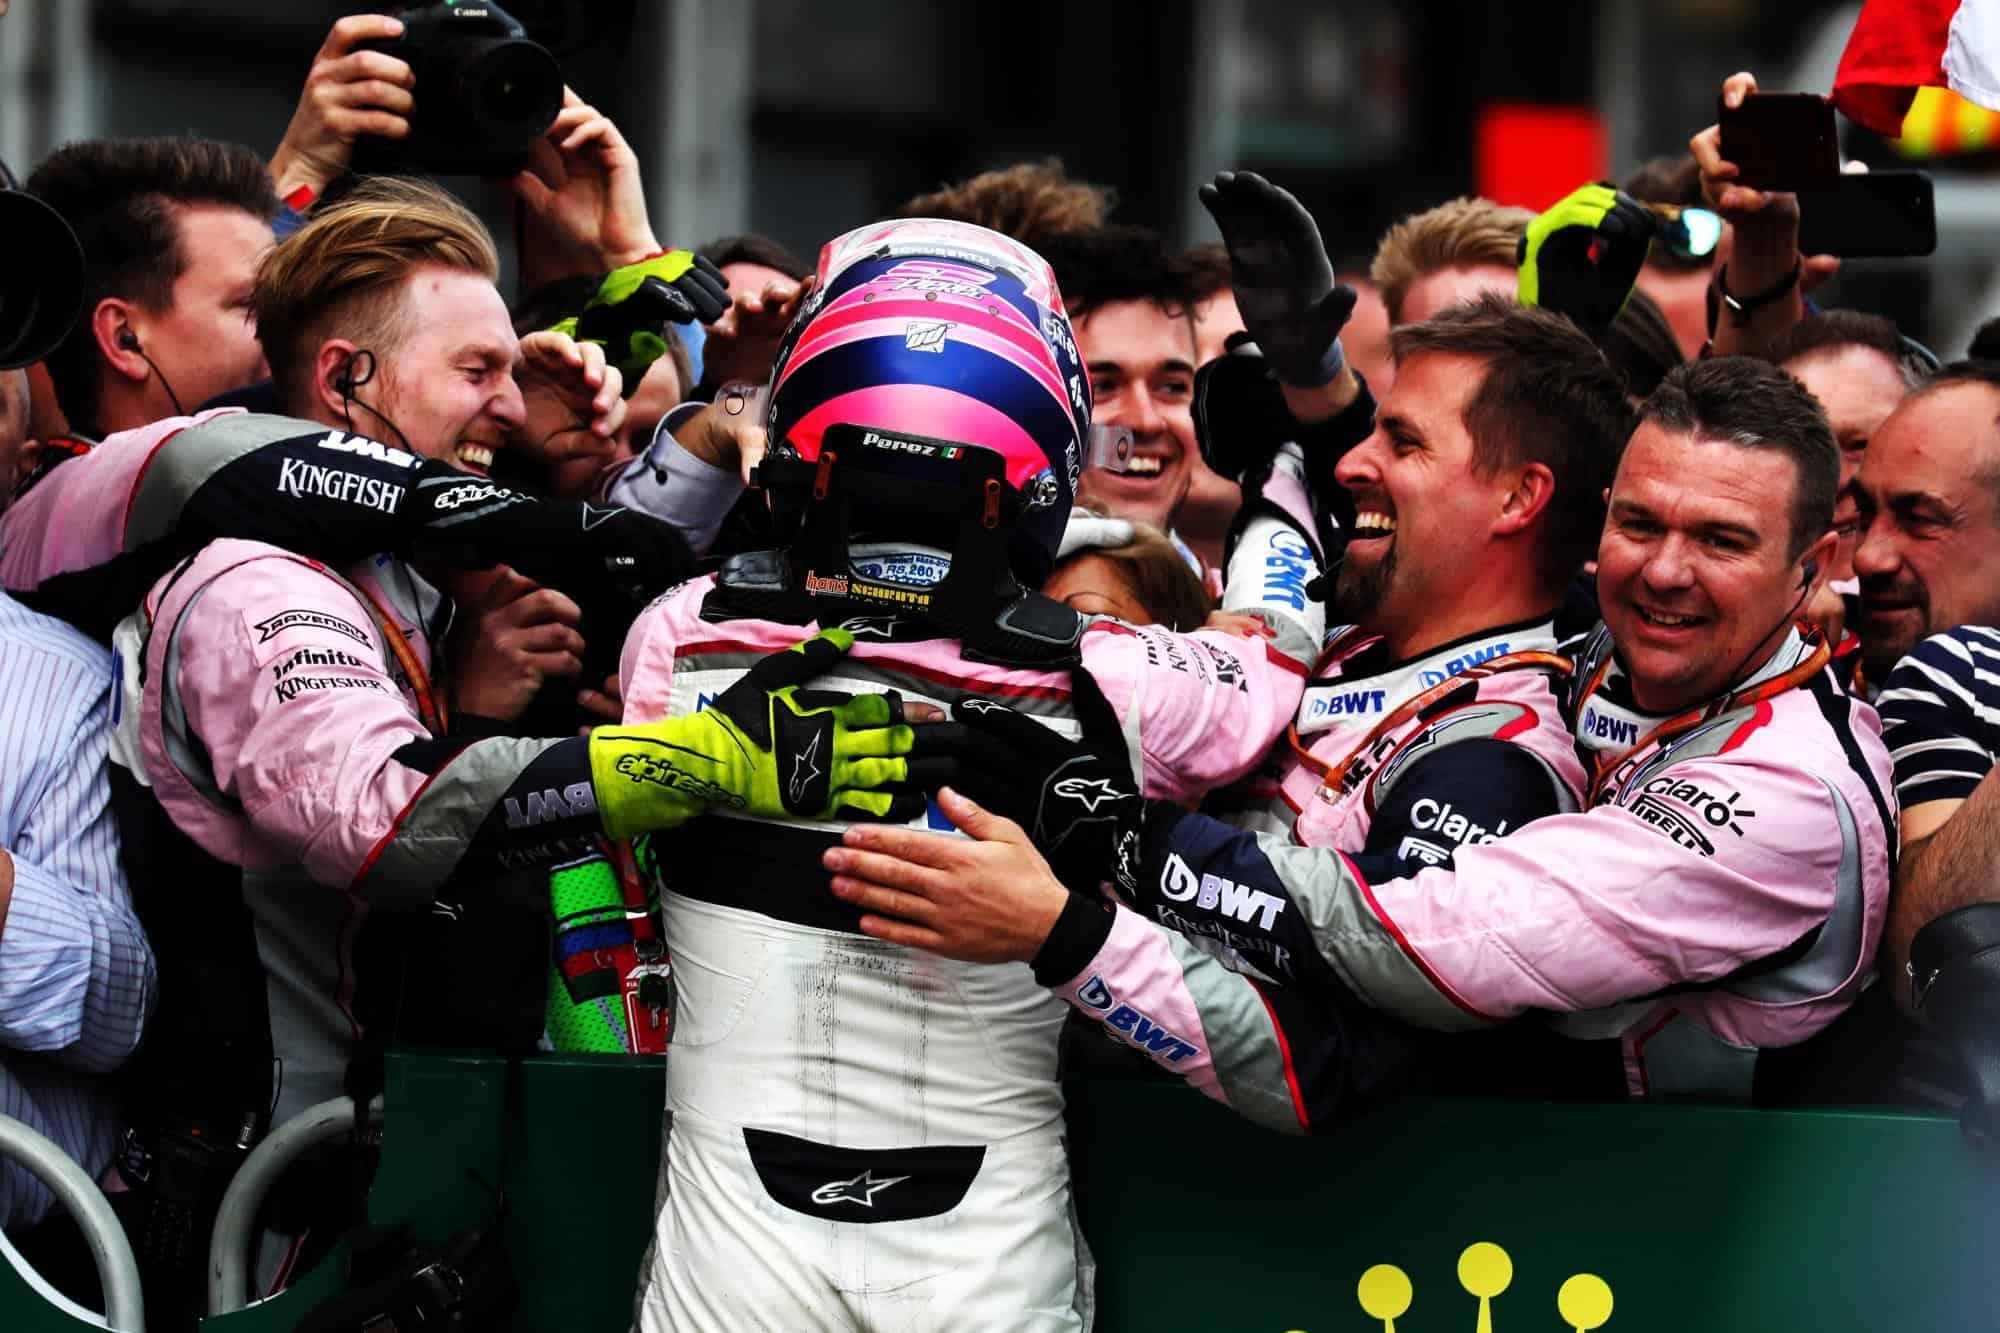 Perez Force India Baku F1 2018 podium